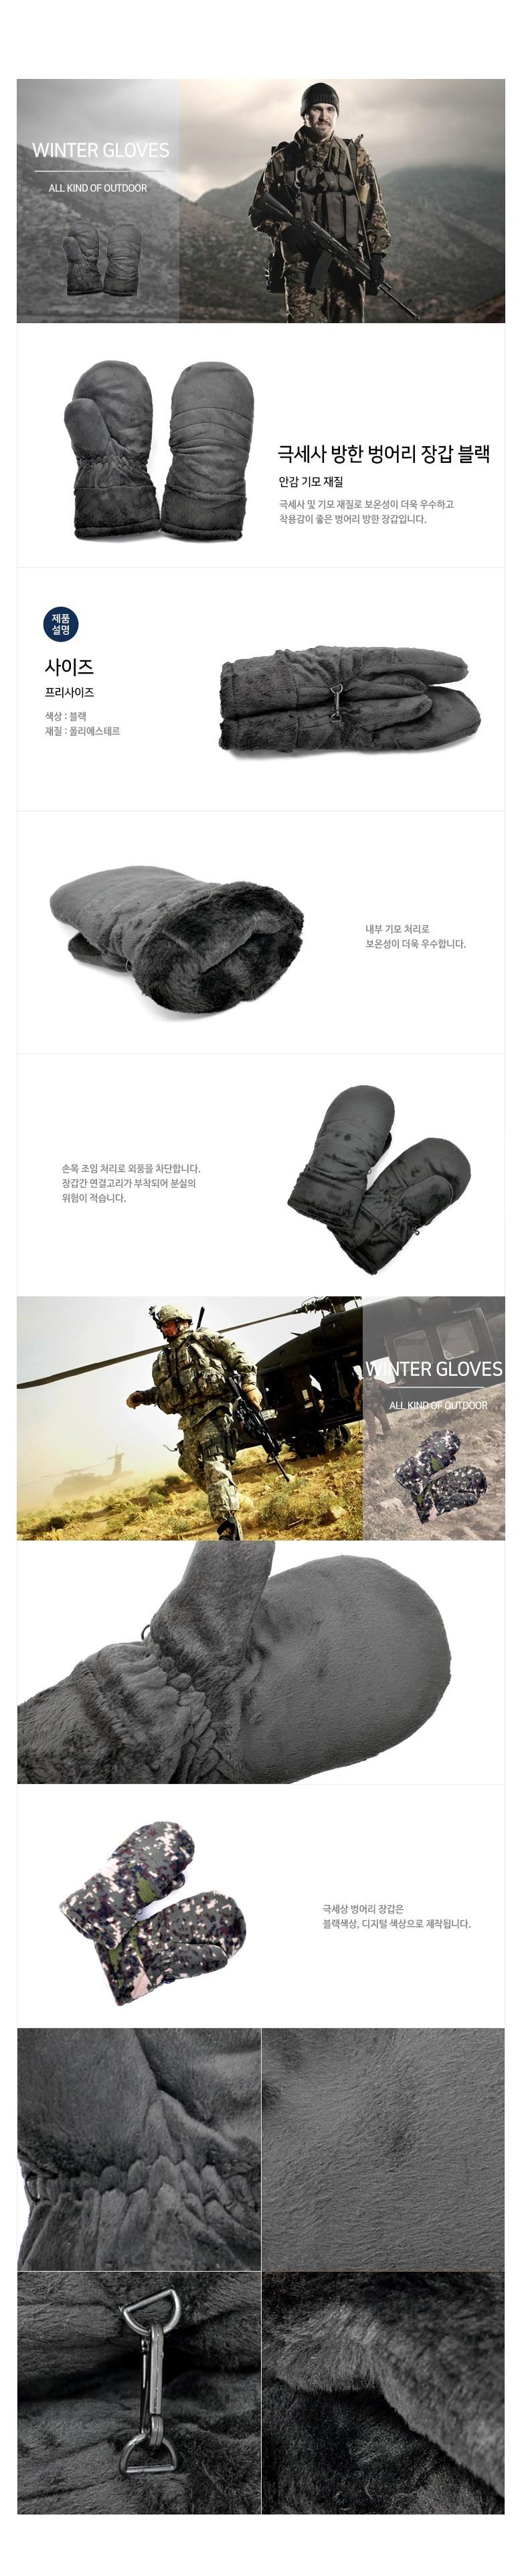 블랙 방한 극세사 벙어리장갑 - 쿠닌, 14,400원, 장갑, 스포츠장갑